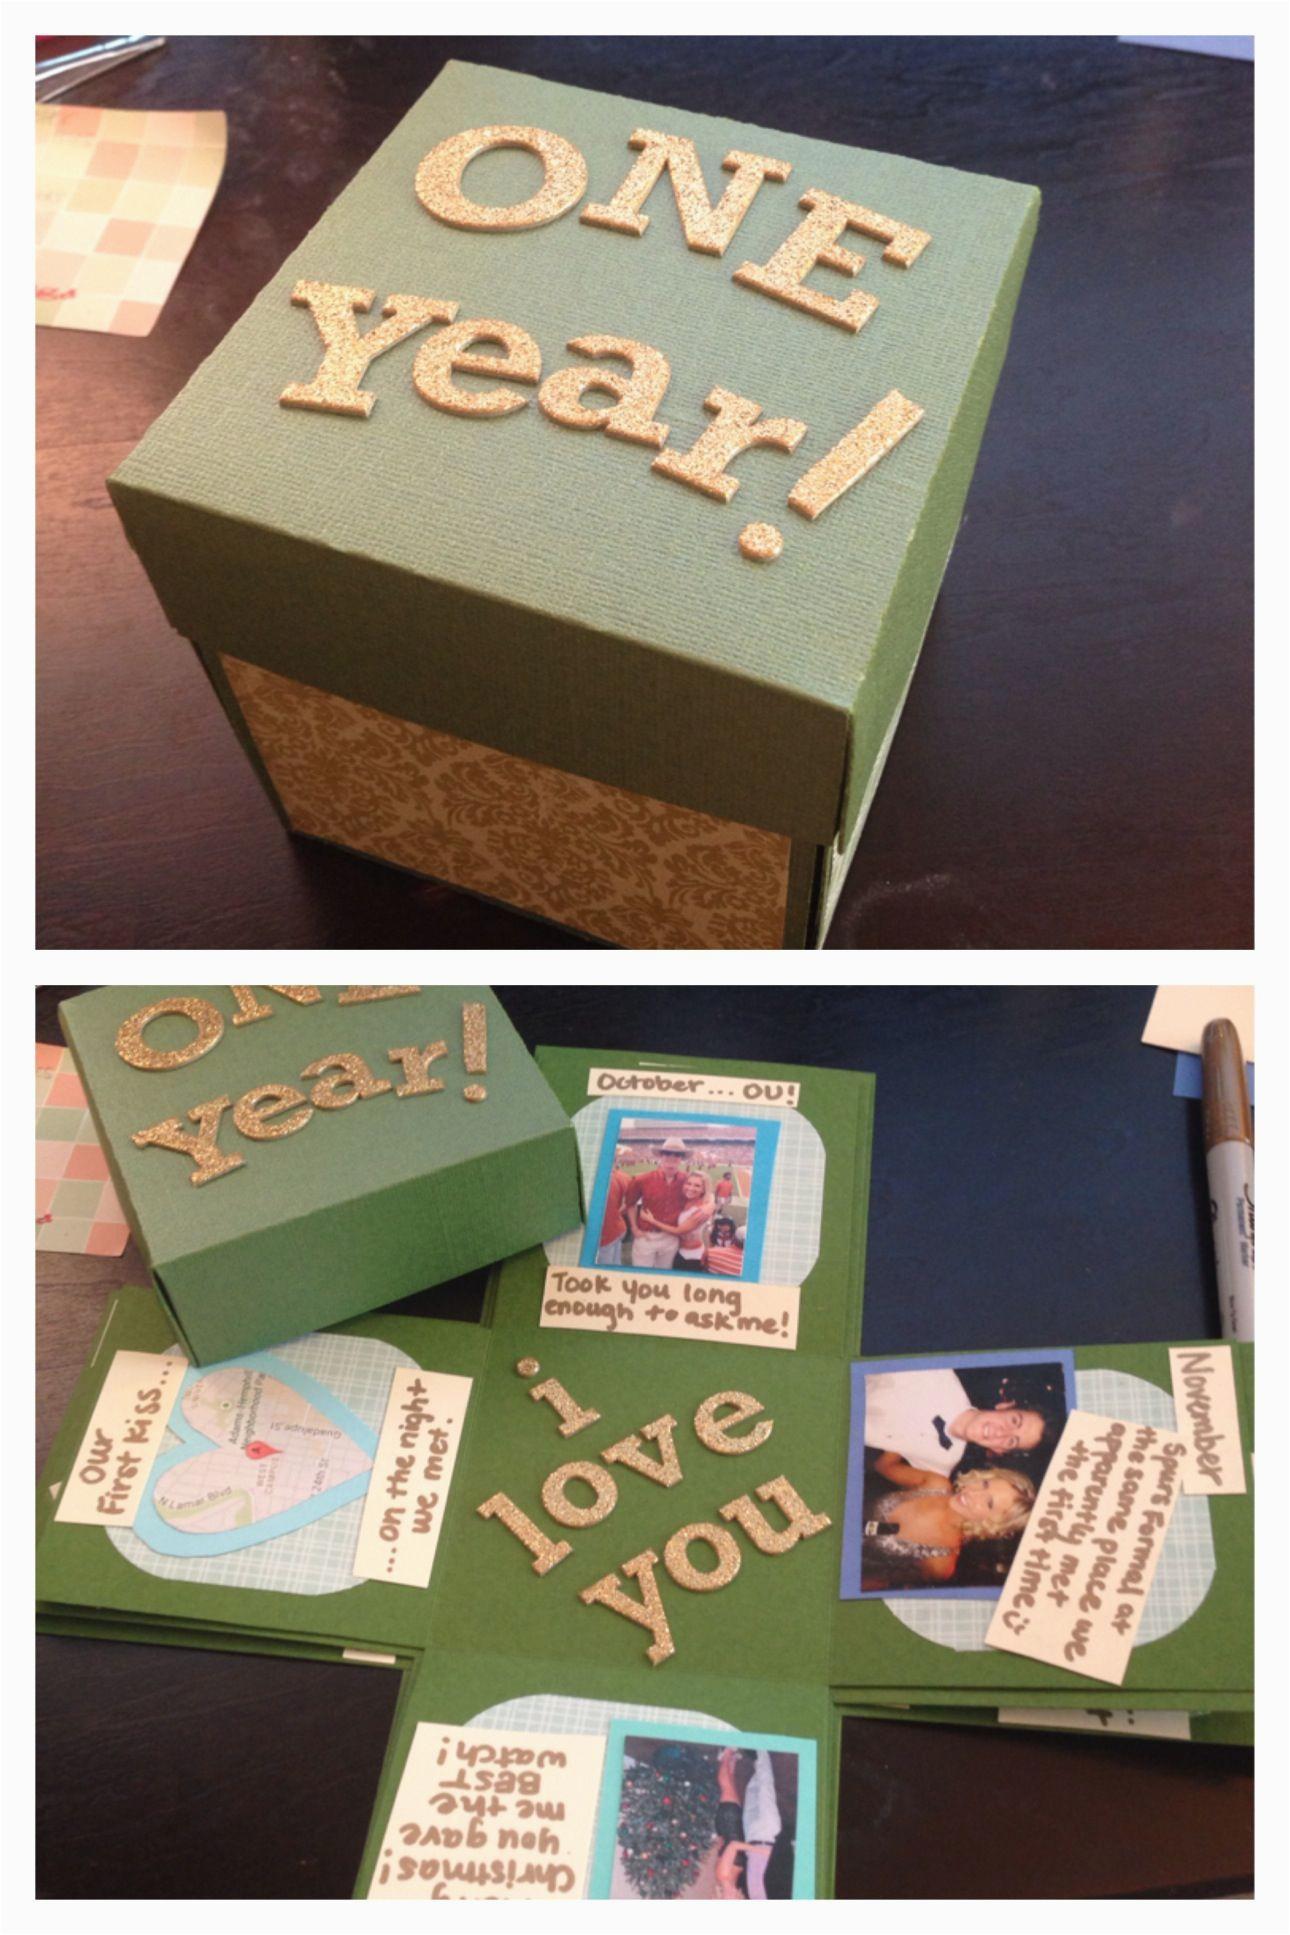 1 year anniversary gift ideas boyfriend